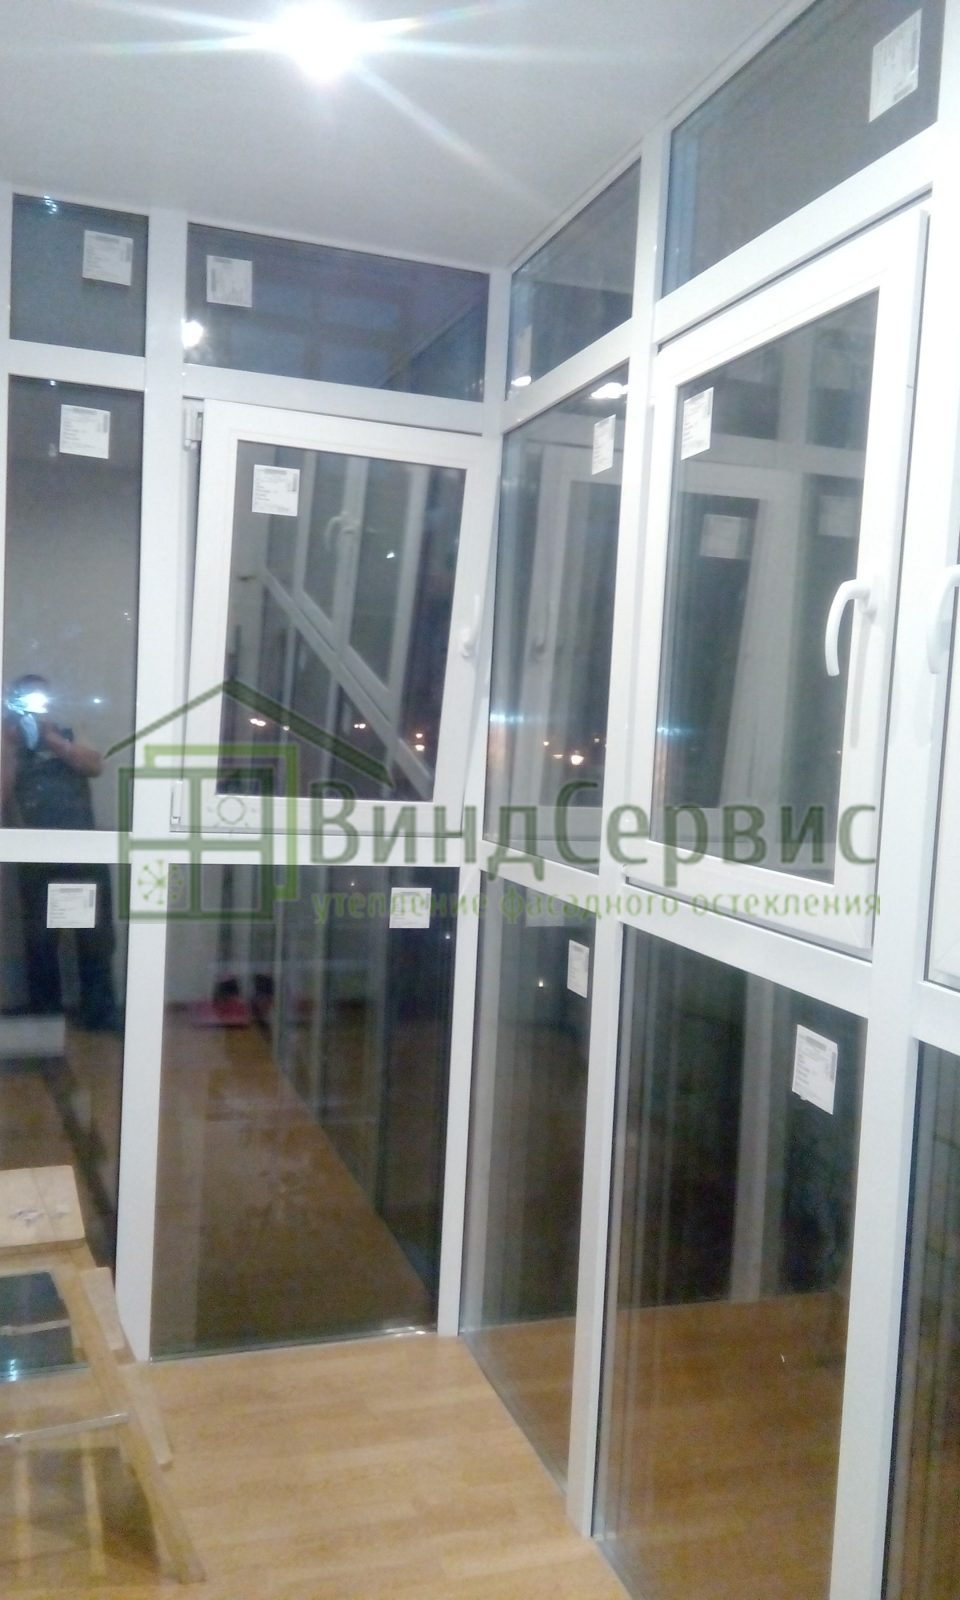 Витражное остекление балкона с отделкой. Адмирала Трибуца 7